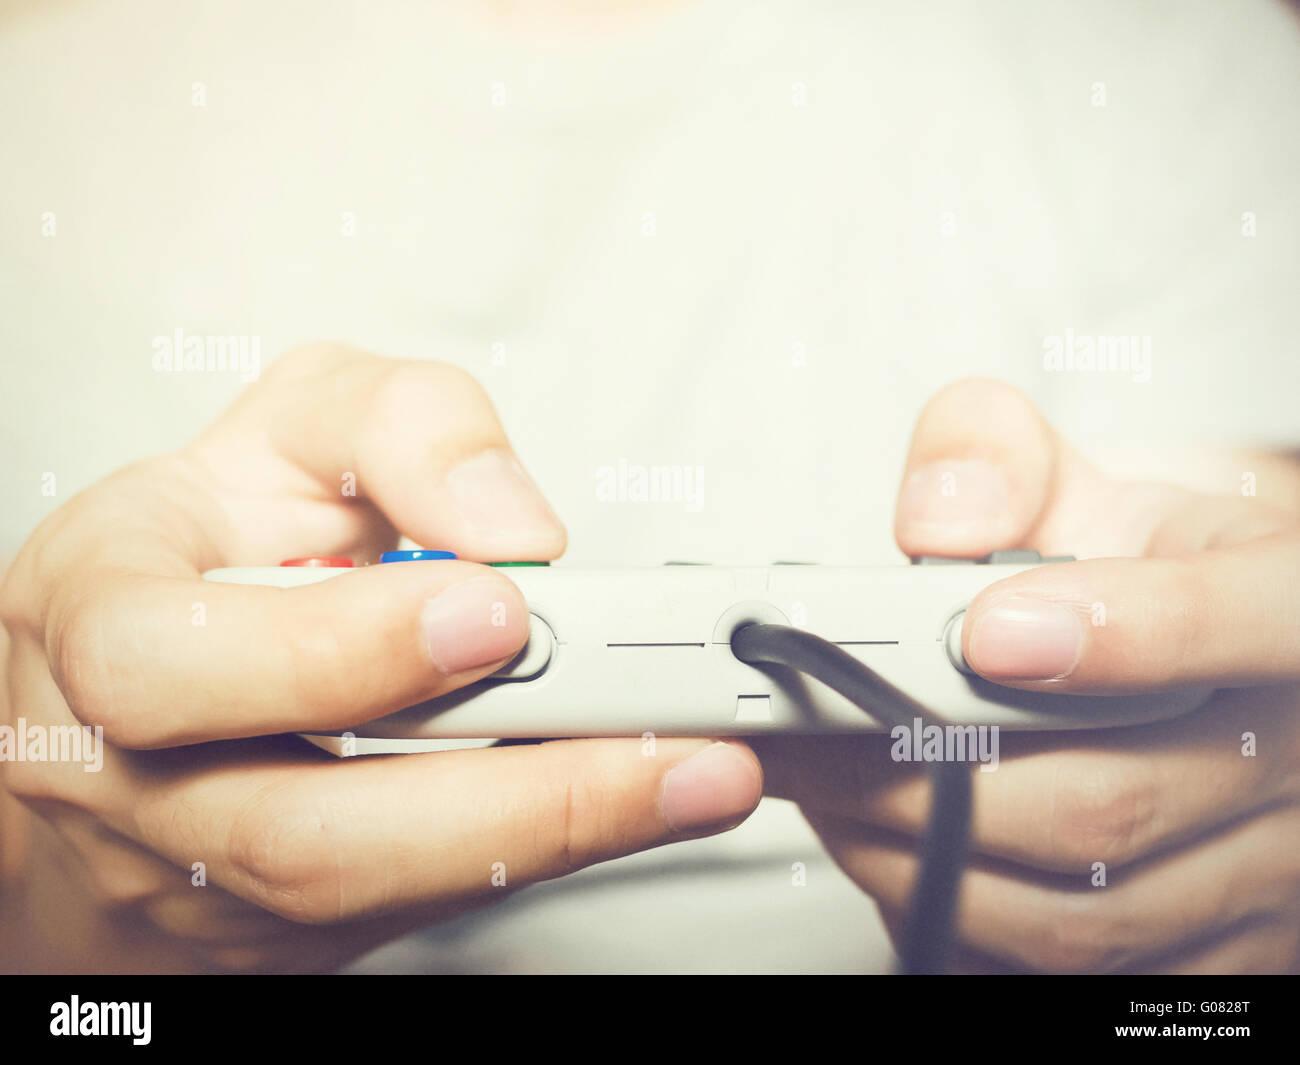 Un jeune homme tenant un contrôleur de jeu à jouer à des jeux vidéo (vintage) Photo Stock